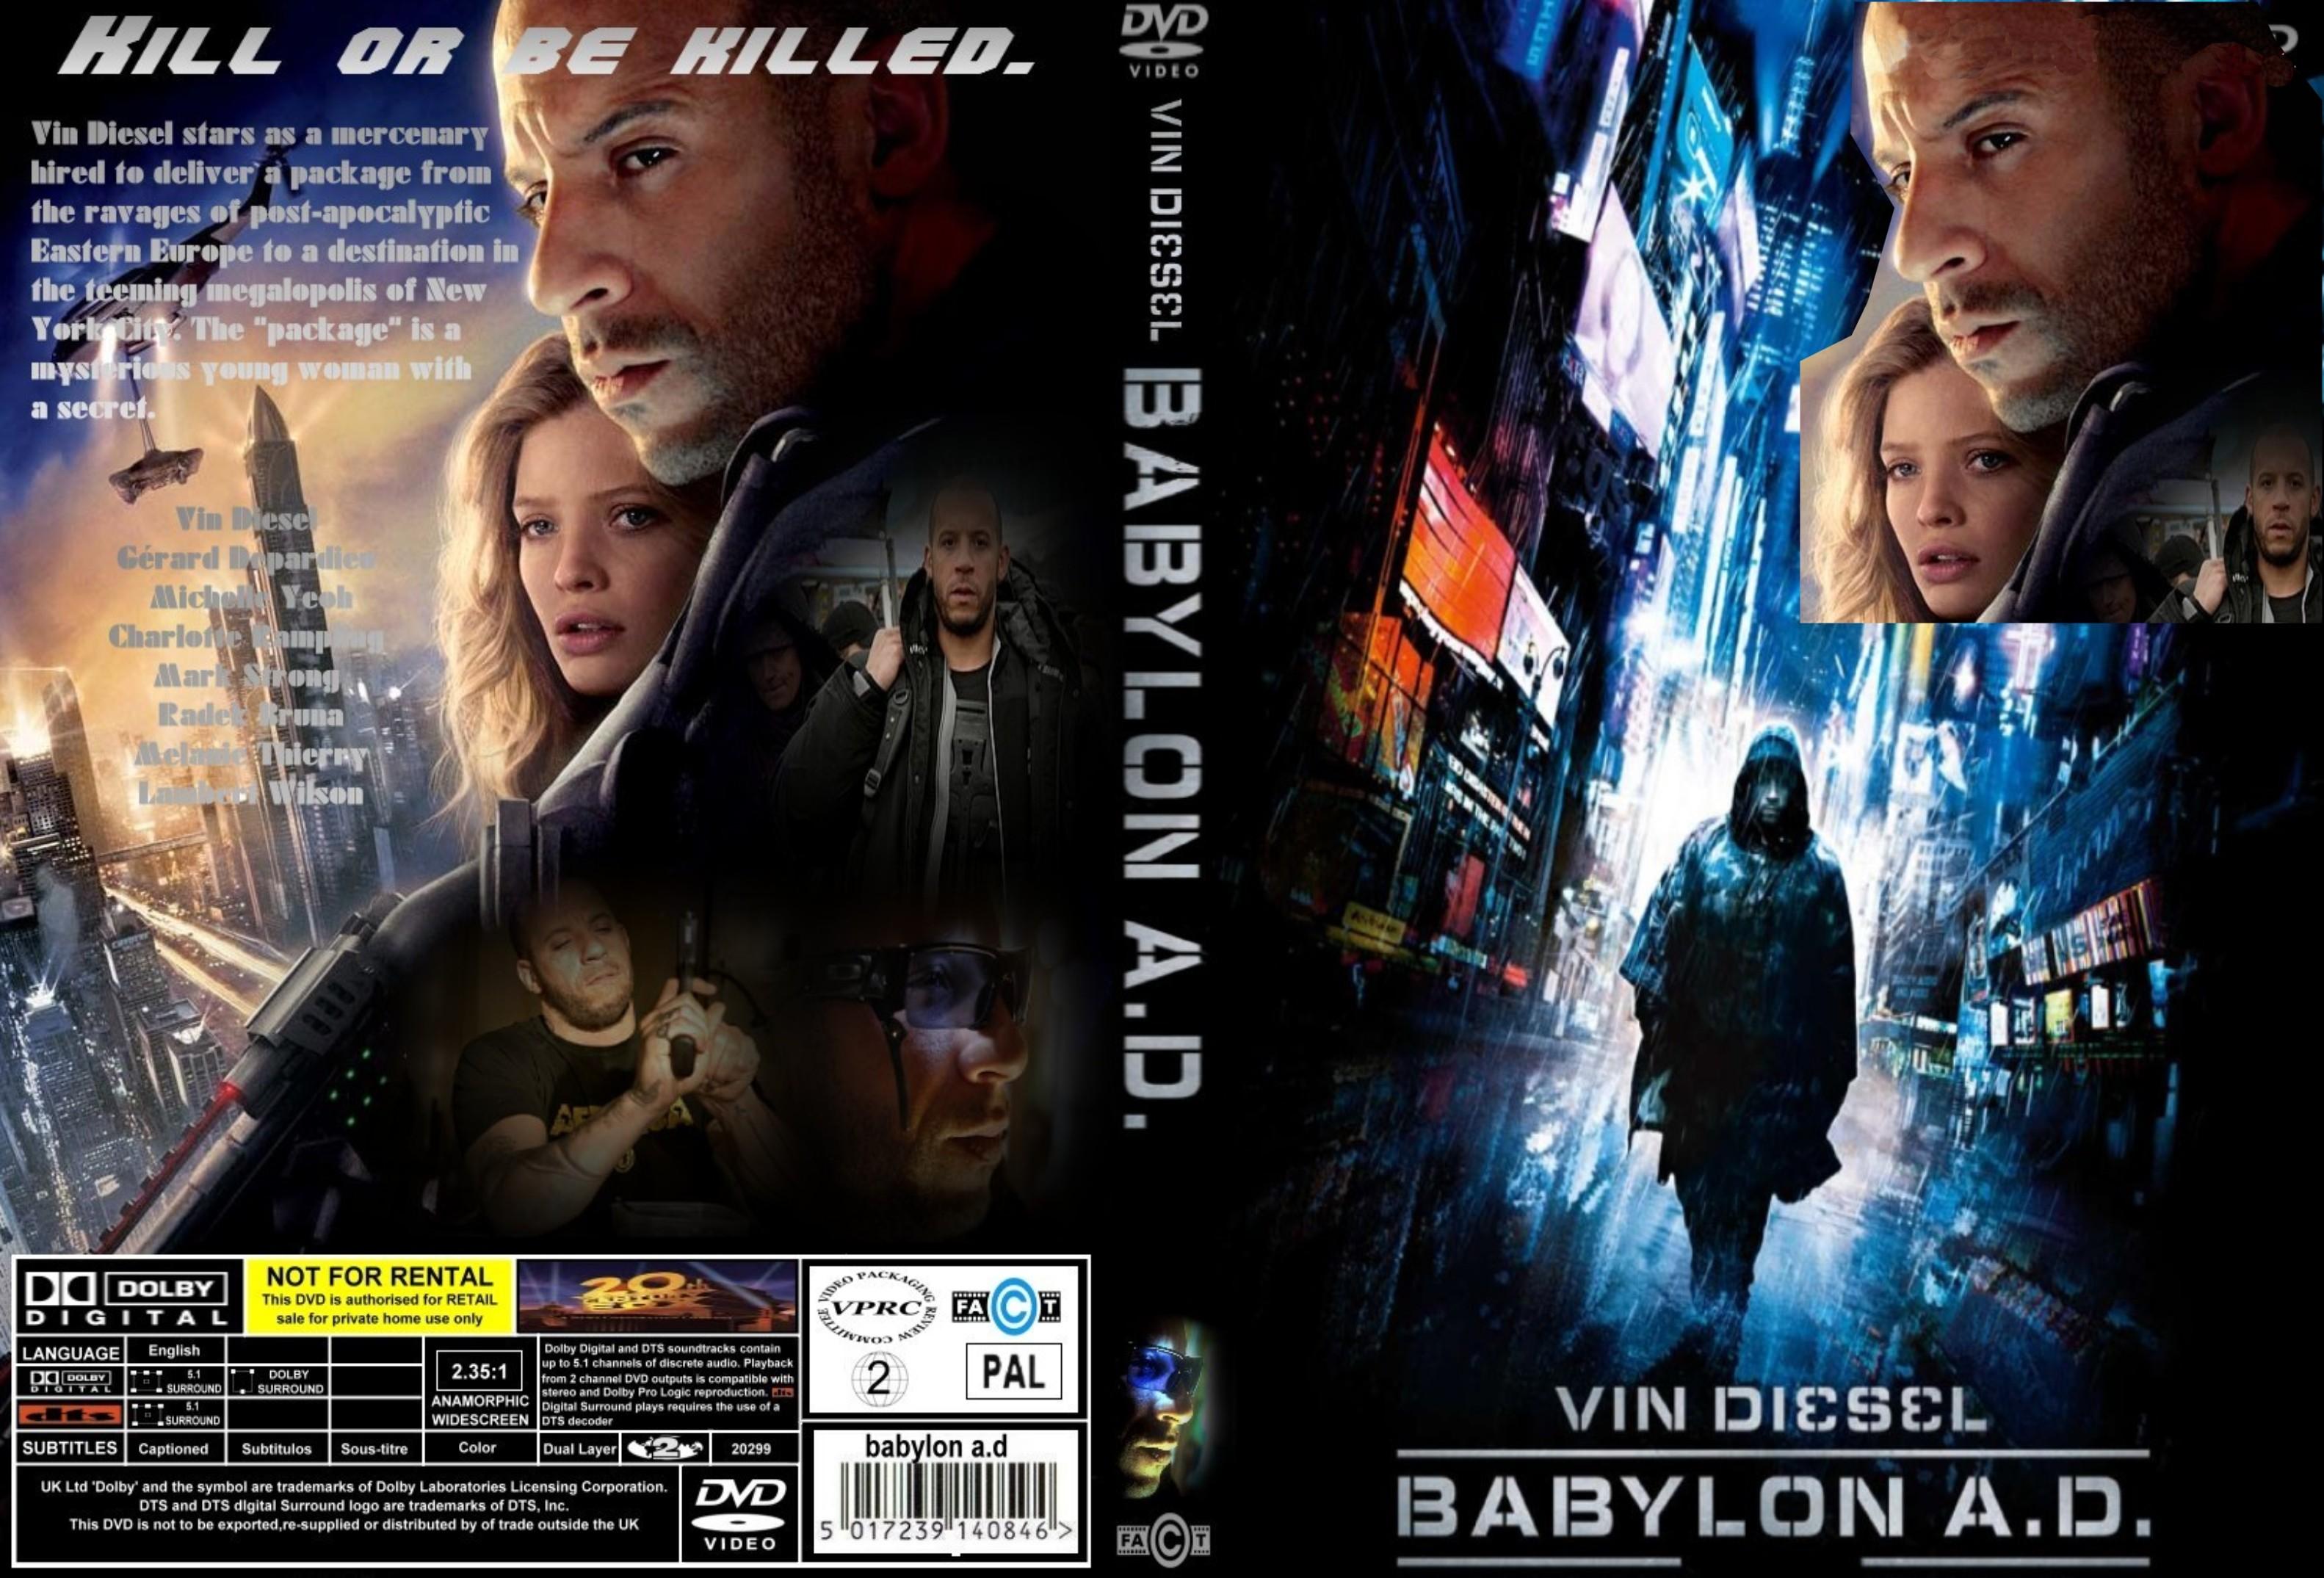 Amazoncom Babylon 5 Season 5 Bruce Boxleitner Tracy